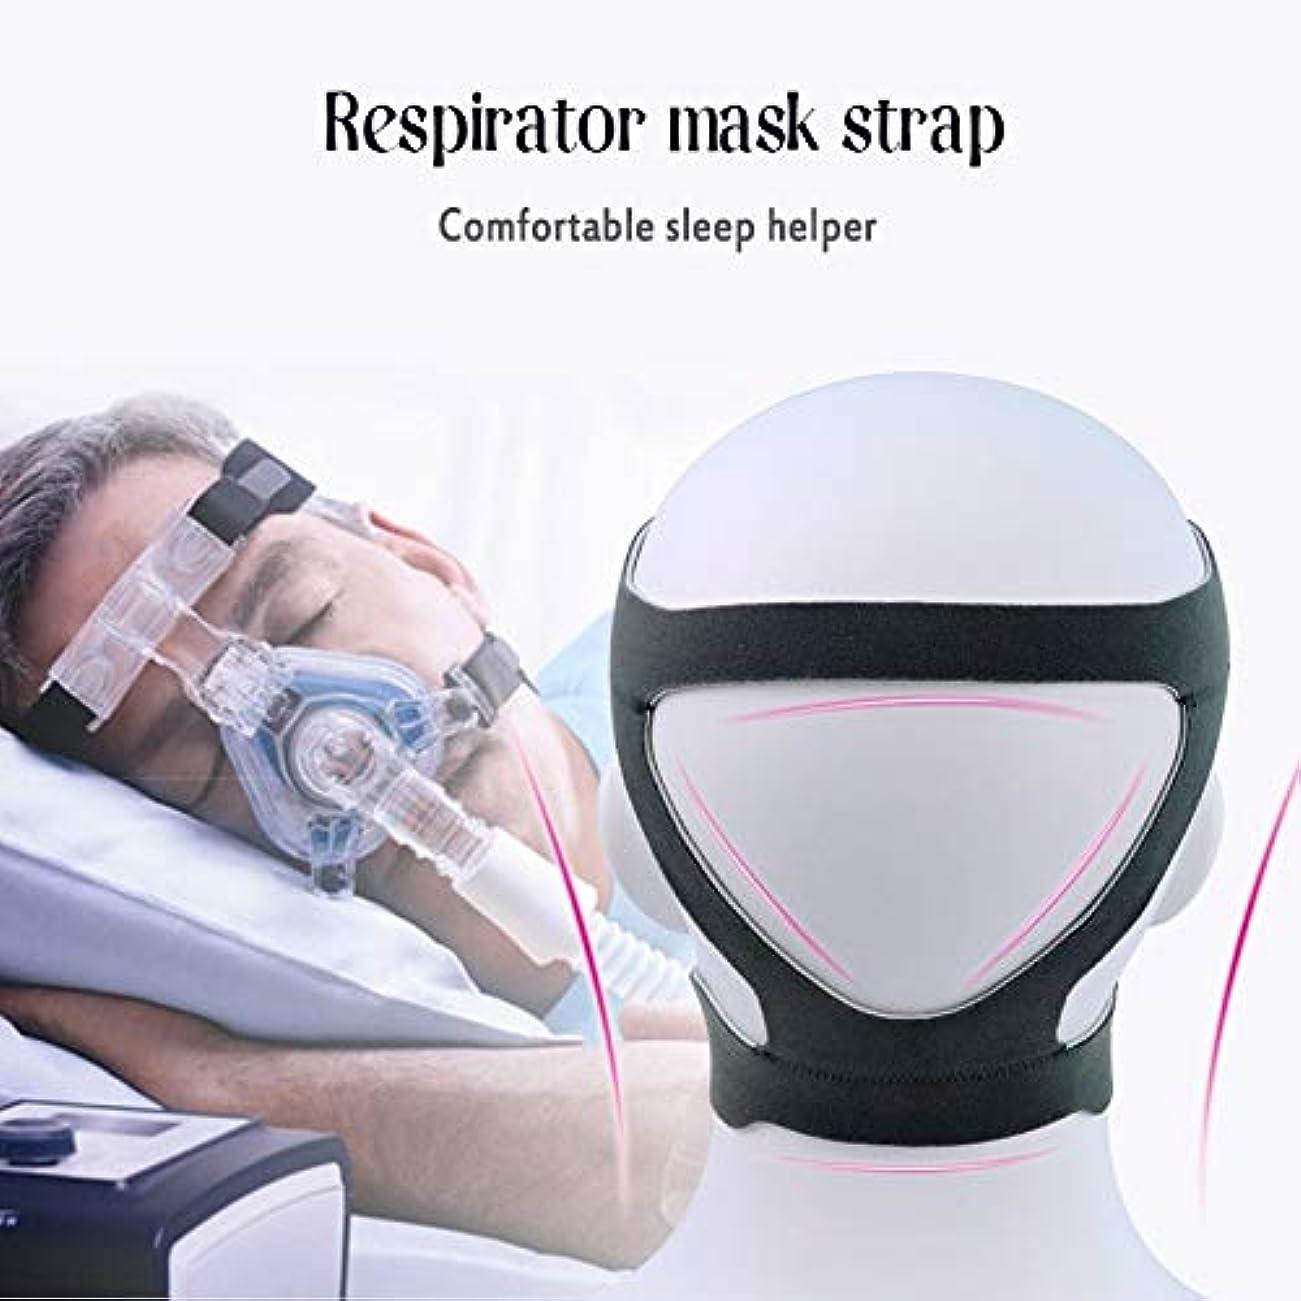 アサート永遠に賢い注無臭の耐久性のあるCPAP用ヘッドギアマスク弾性繊維ヘッドバンドユニバーサル鼻用マスクフルフェイスマスクヘッドベルト医療用